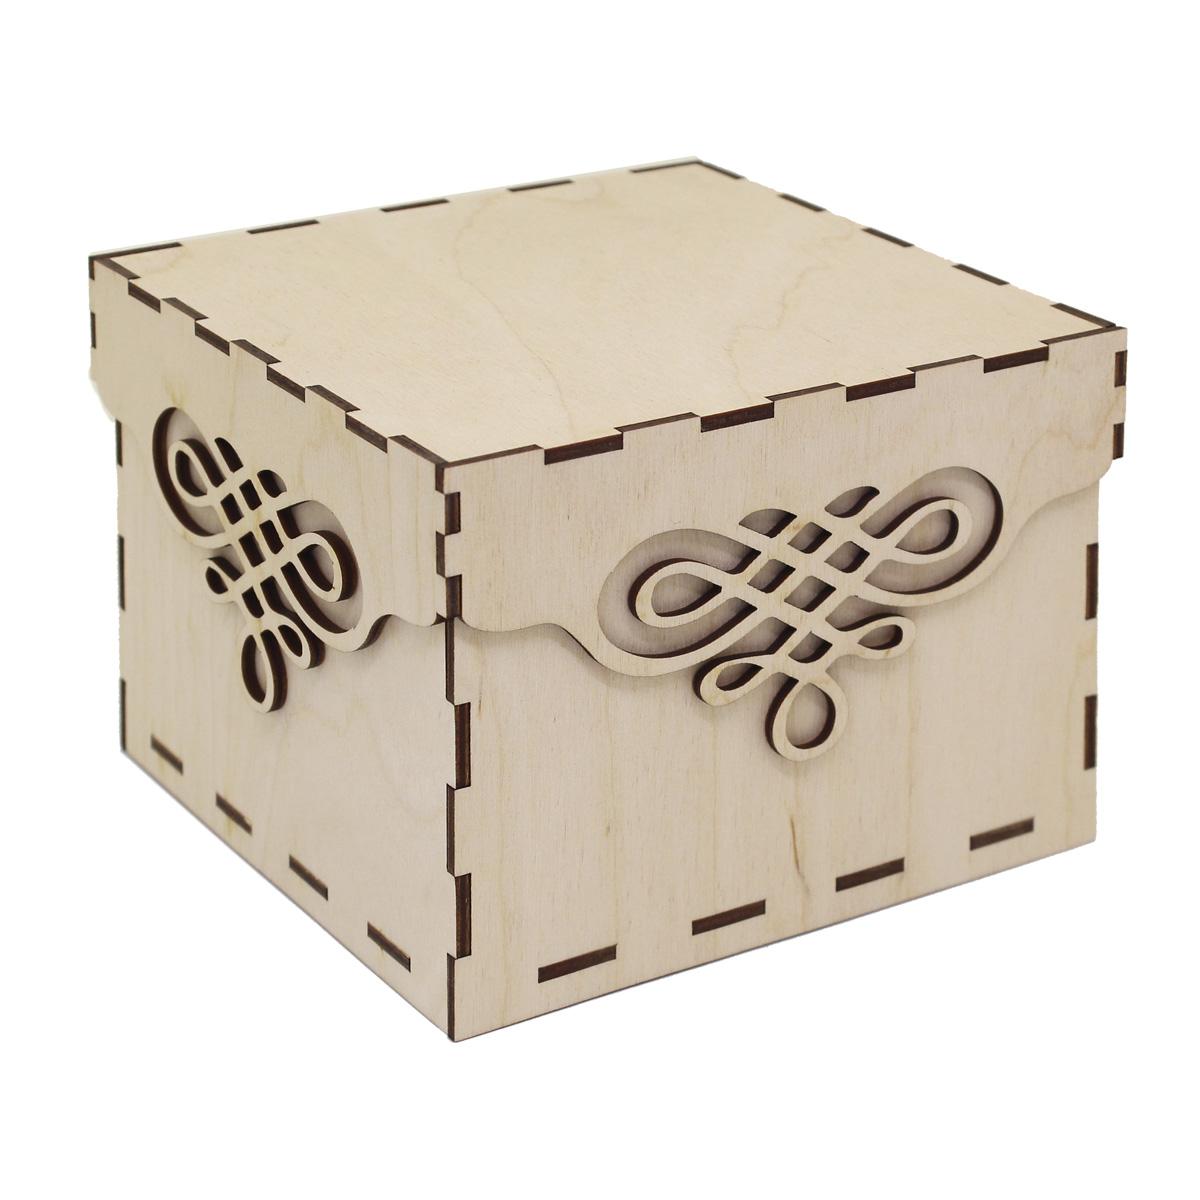 L-678 Деревянная заготовка коробочка квадратная с крышкой 'Вензель' 13,5*13,5*10,5см, Астра